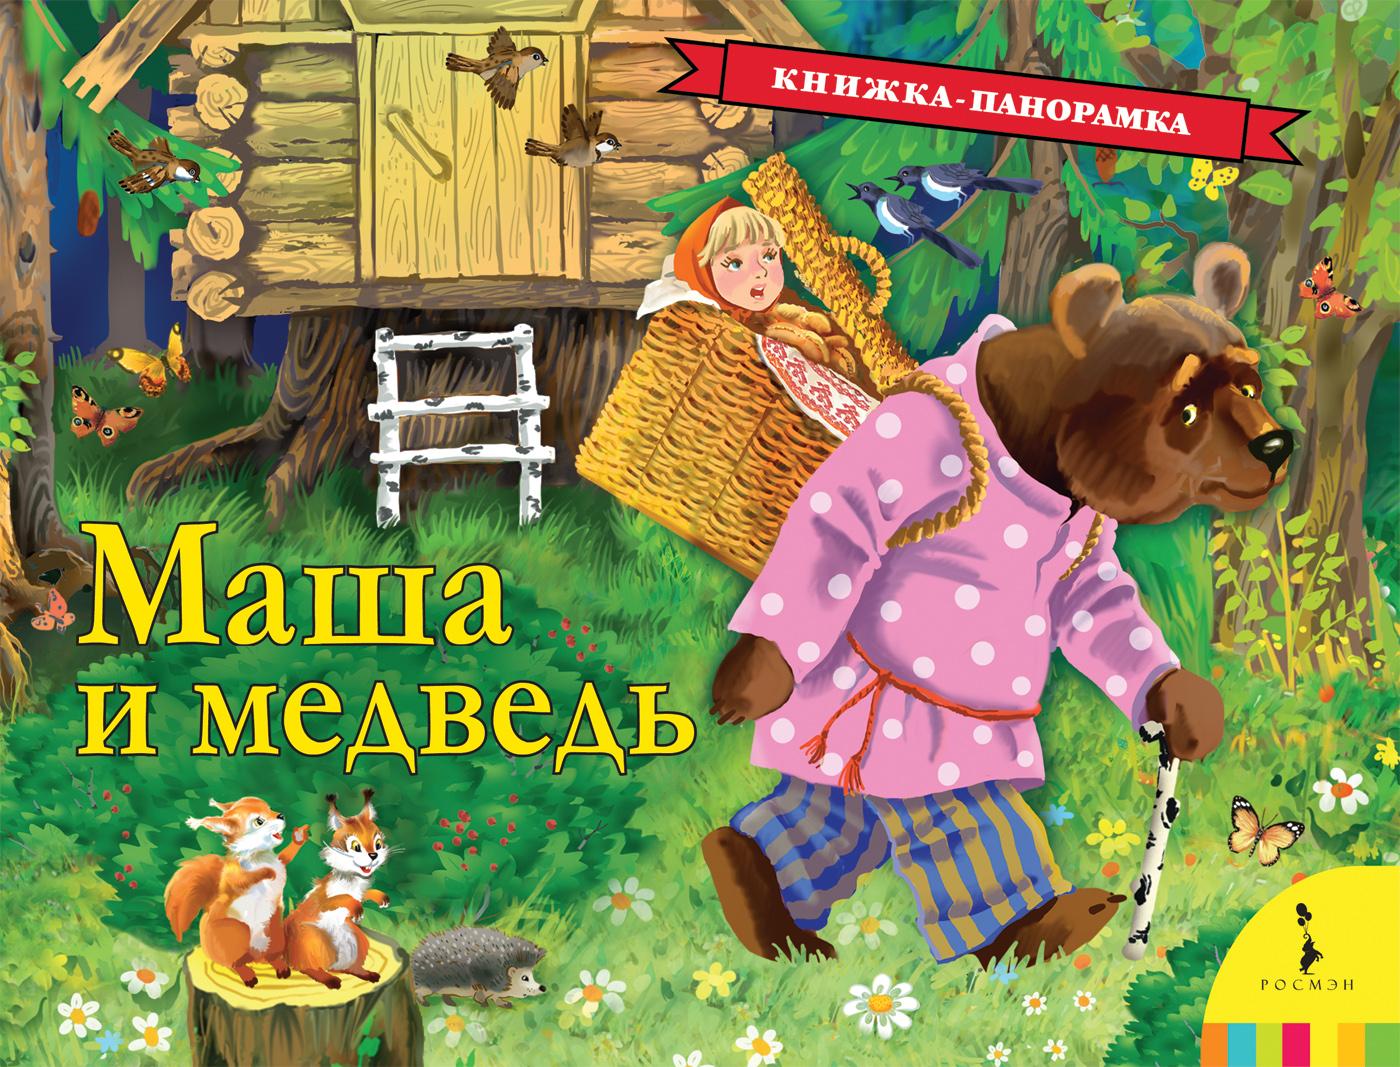 Булатов М. А. Маша и медведь (панорамка) булатов м а маша и медведь панорамка